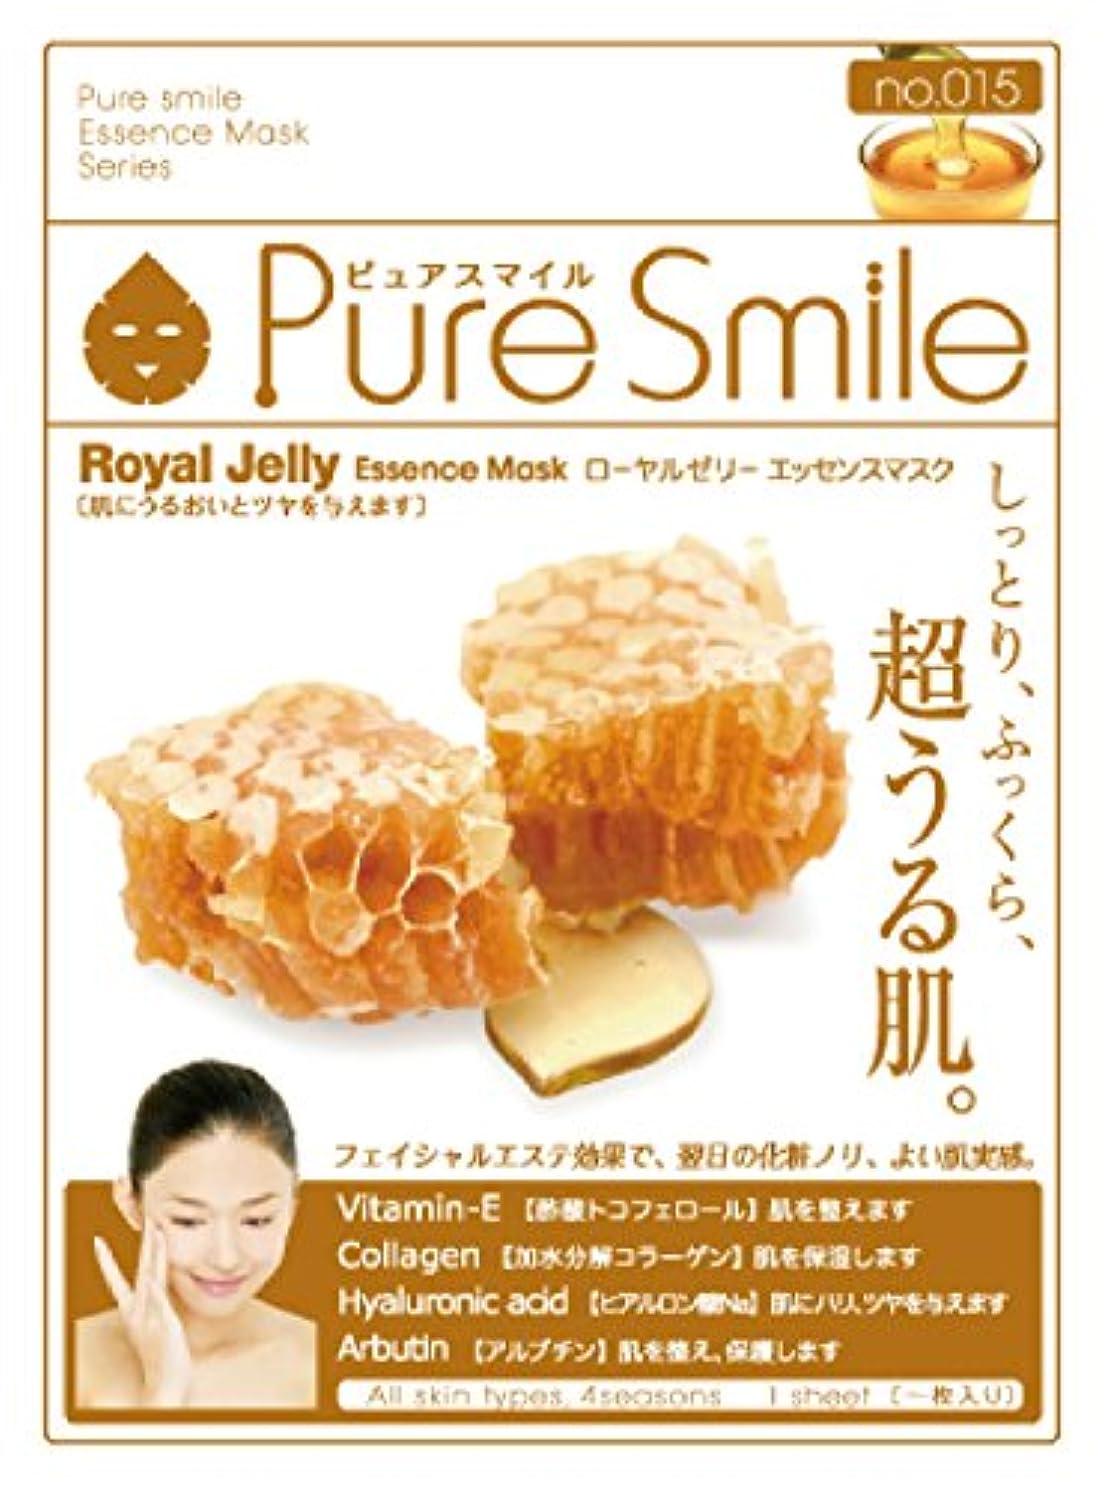 腐敗ミス洗うPure Smile エッセンスマスク ローヤルゼリー 23ml?30枚